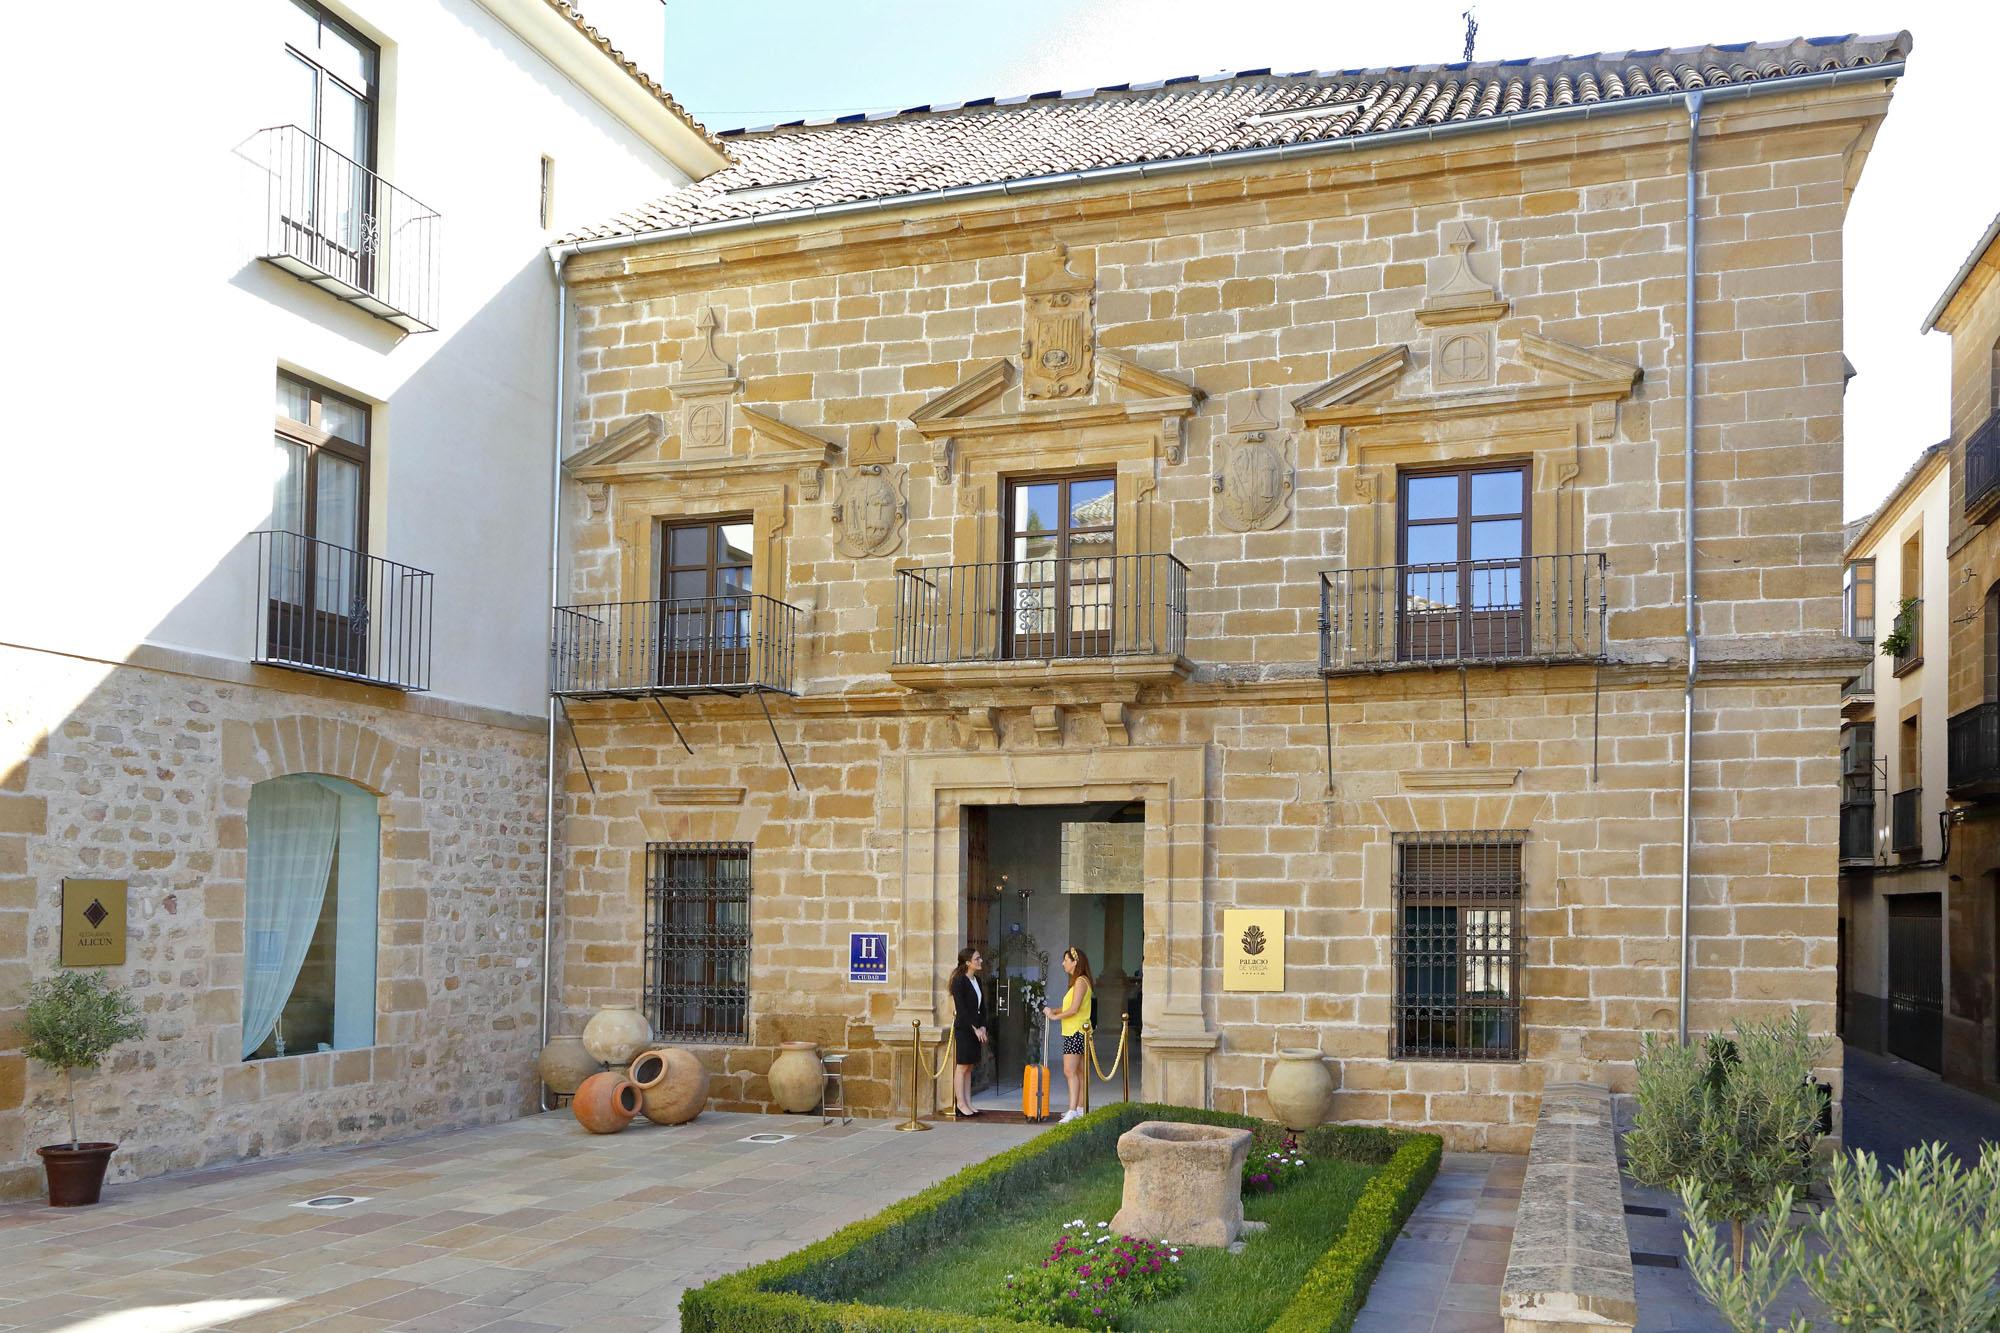 El hotel ocupa un antiguo palacio del siglo XVI.